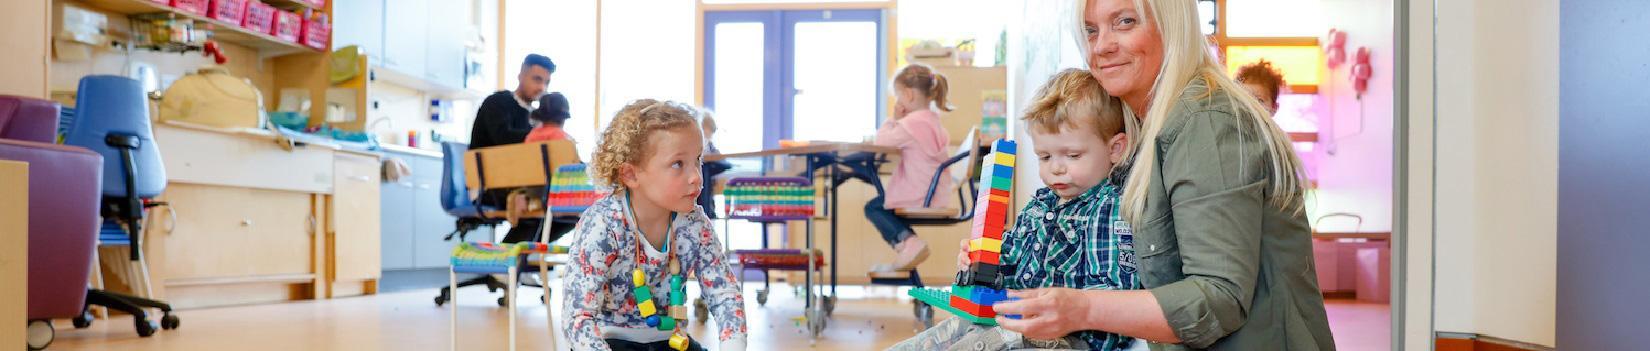 KION-Kinderdagverblijf-Oosterhout